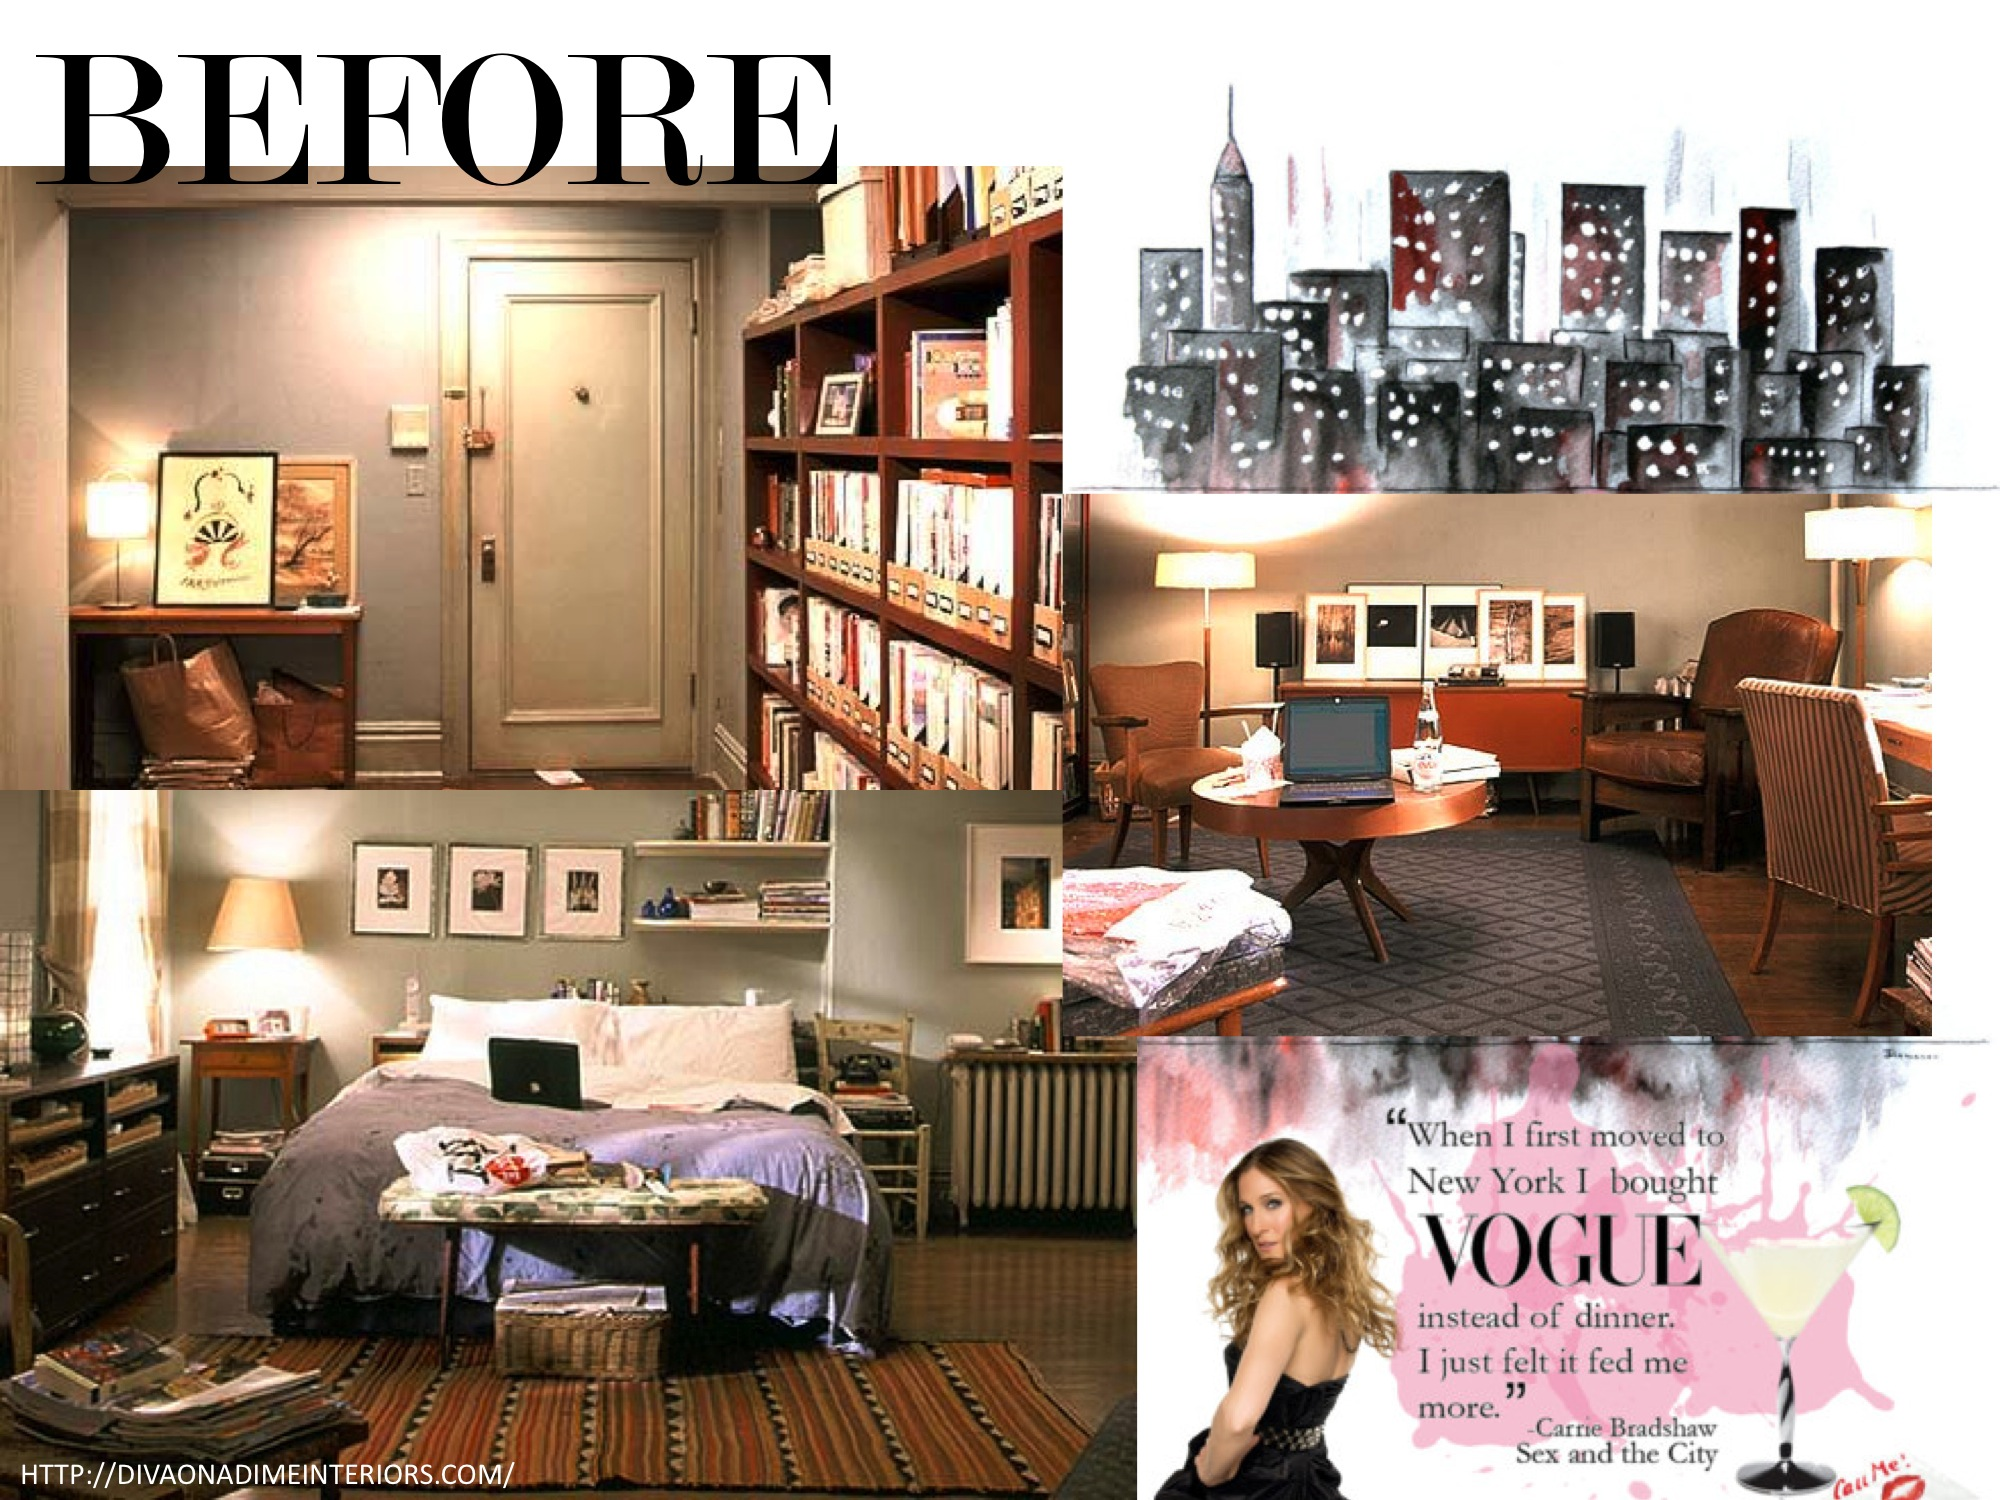 Astonishing Original Apartment Of Carrie Bradshaw Interiors Pinterest Short Hairstyles Gunalazisus